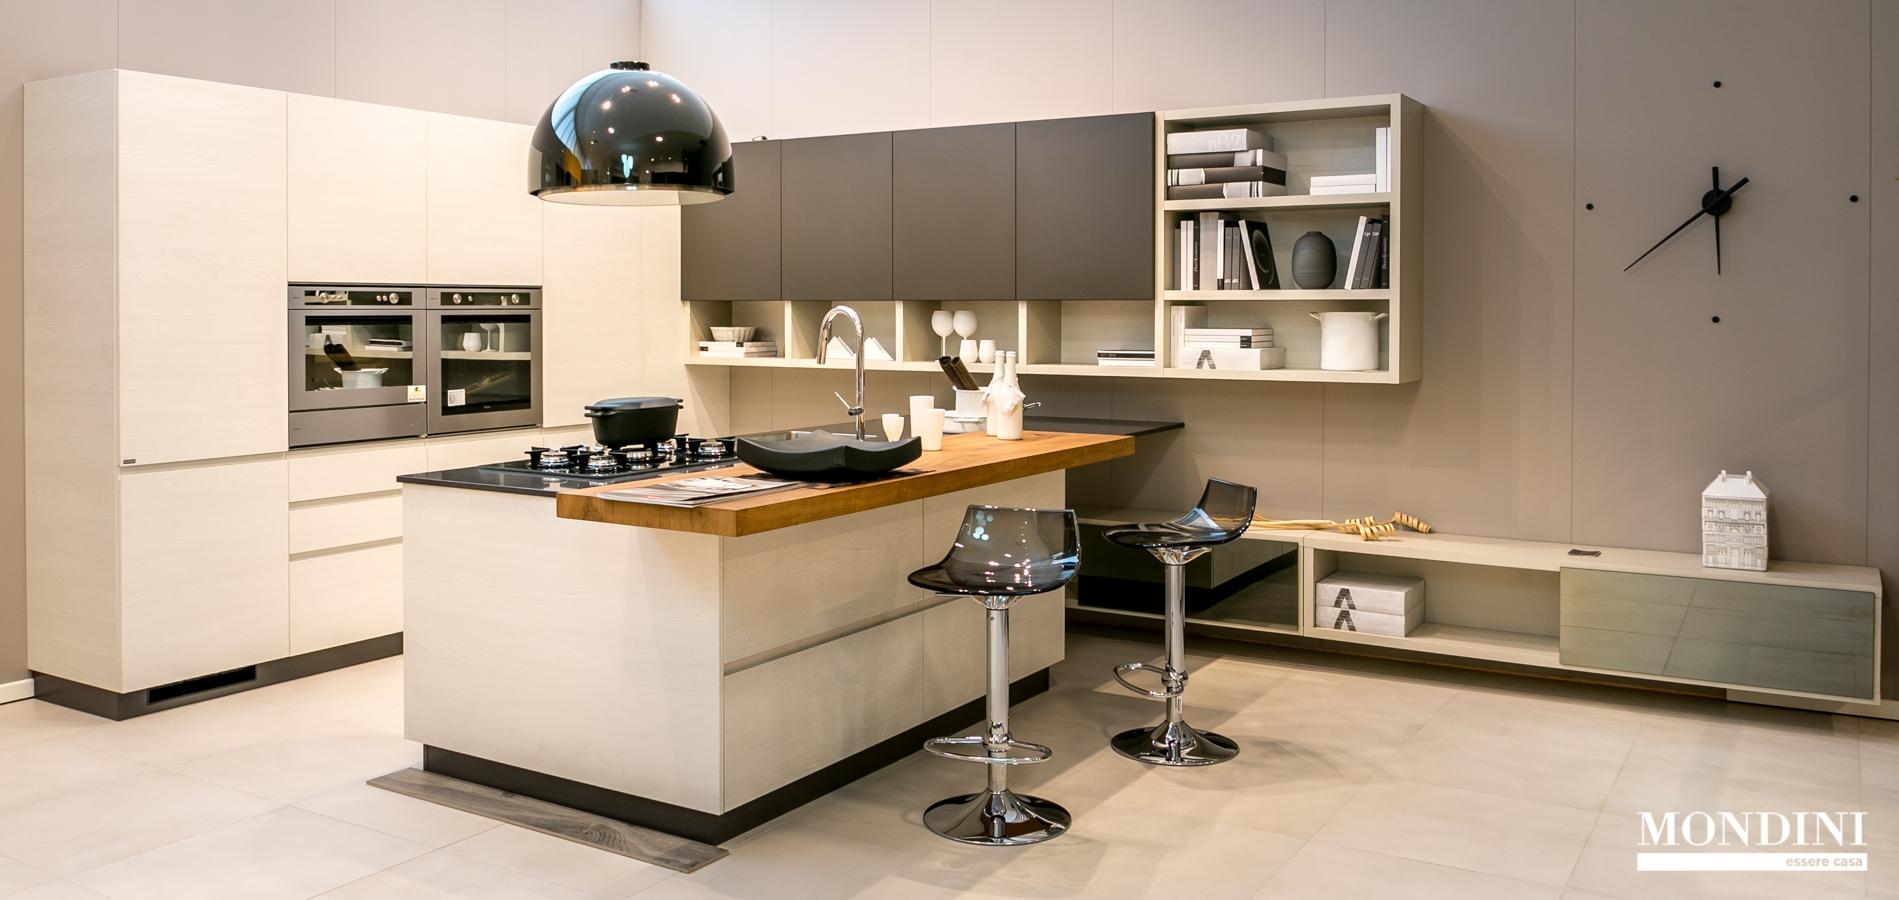 Cucina con isola scavolini modello motus scontata del 41 for Cucine con isola moderne prezzi